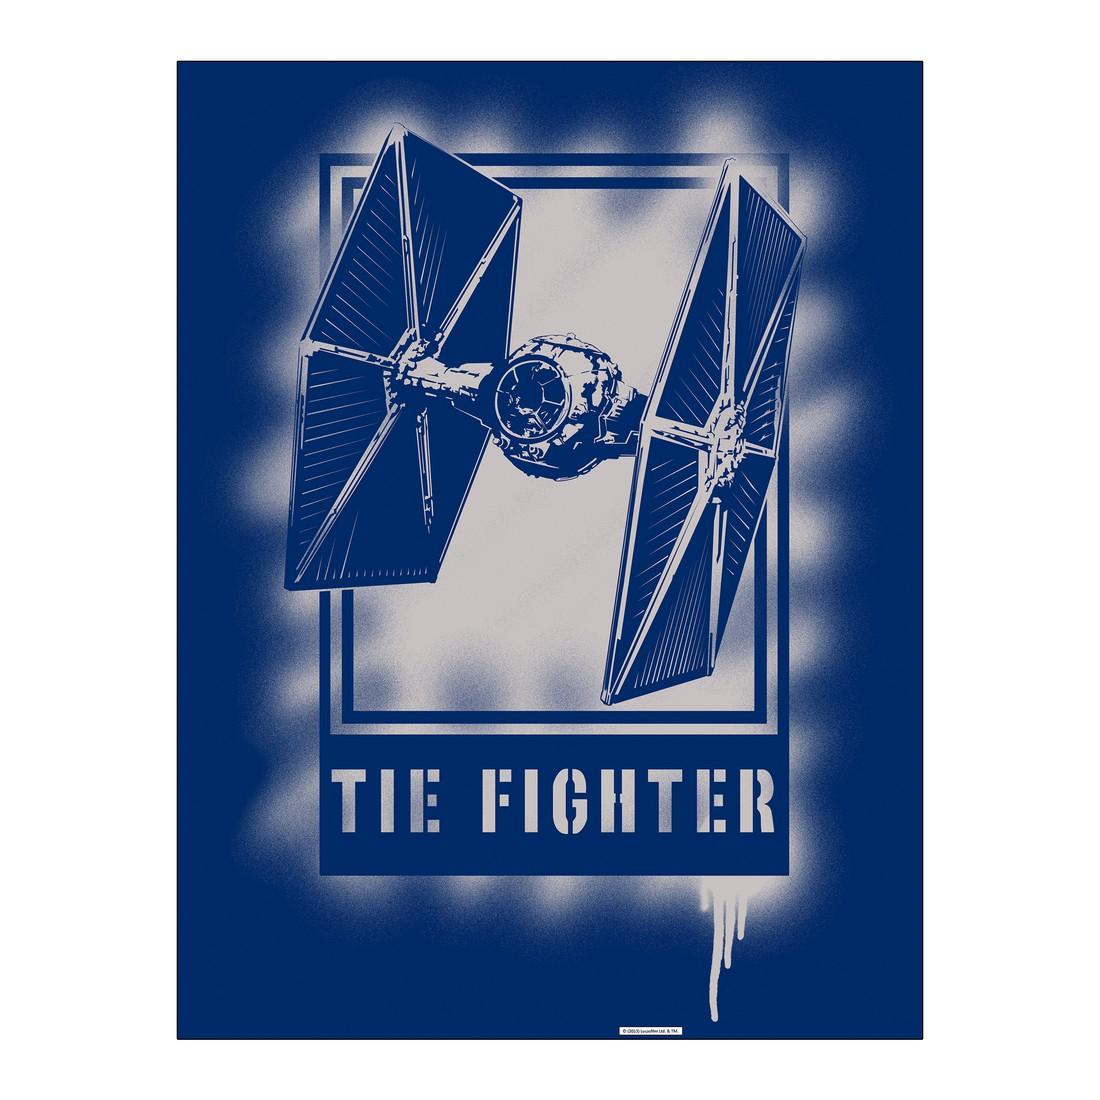 Leinwandbild Tie Fighter Artwork – 100×75 cm, Gallery of Innovative Art günstig online kaufen